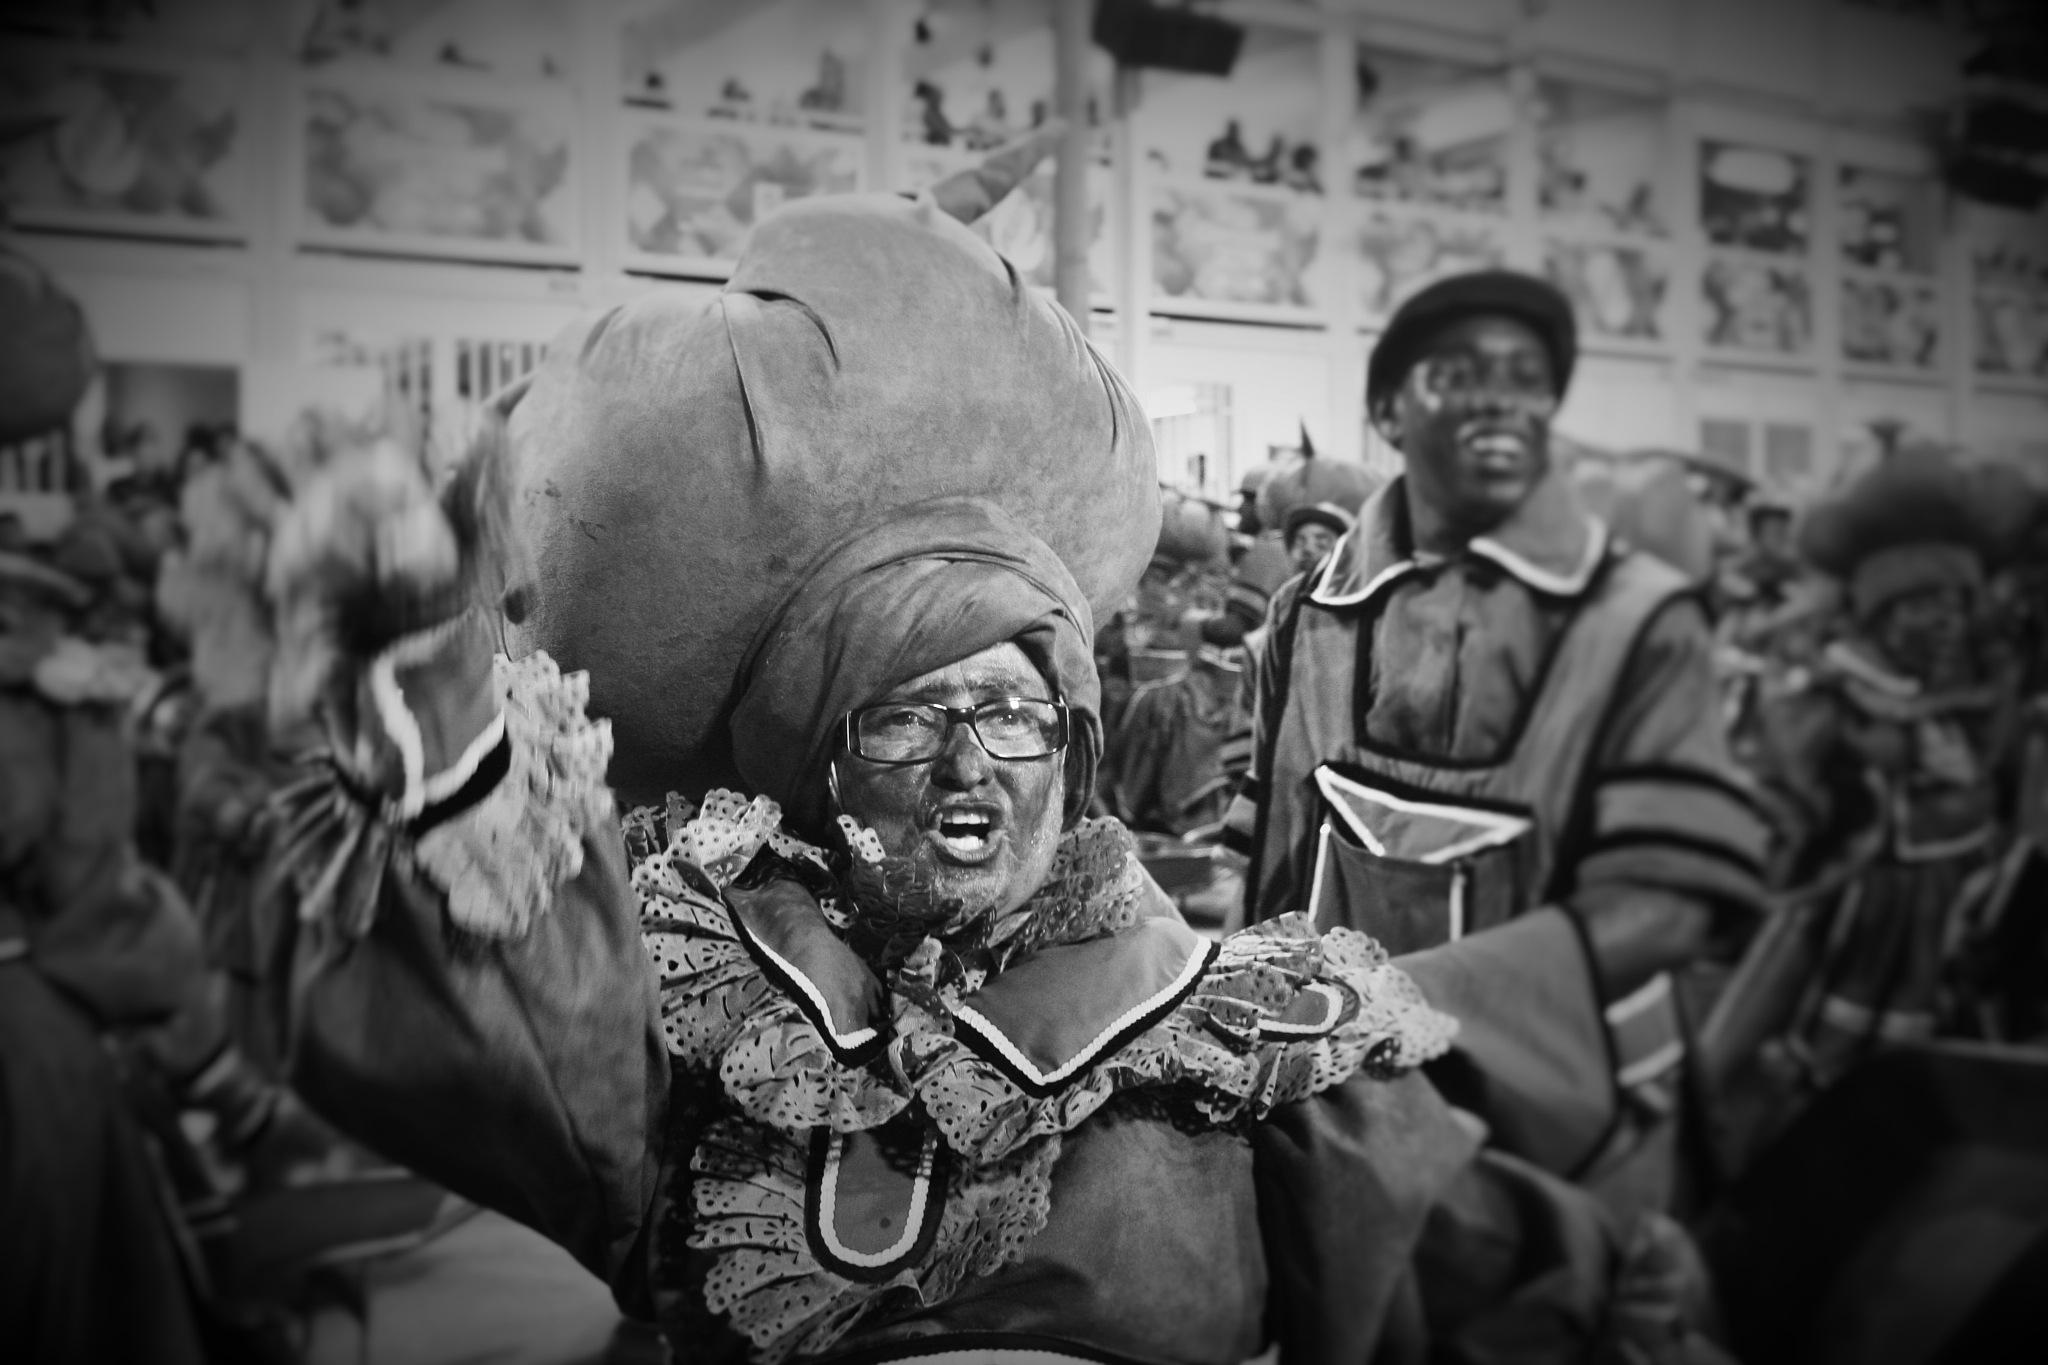 Carnaval - Rio de Janeiro by Romer Zandomingos Alves